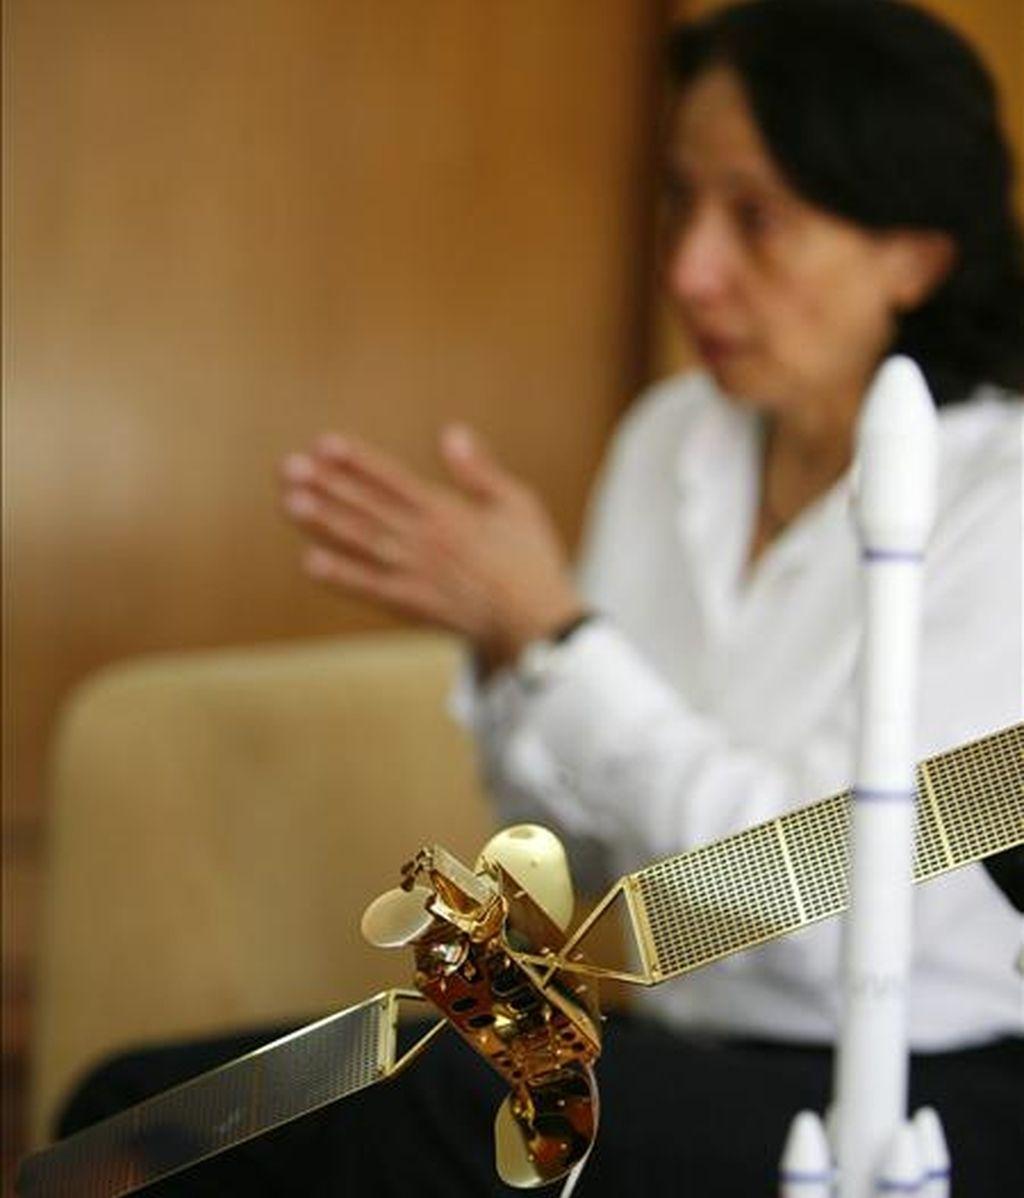 """La ministra de Ciencia y Tecnología de Venezuela, Nuris Orihuela, desempeño un papel importante en el proceso que culminó a principios de año con el lanzamiento del satélite """"Simón Bolivar. EFE/Archivo"""